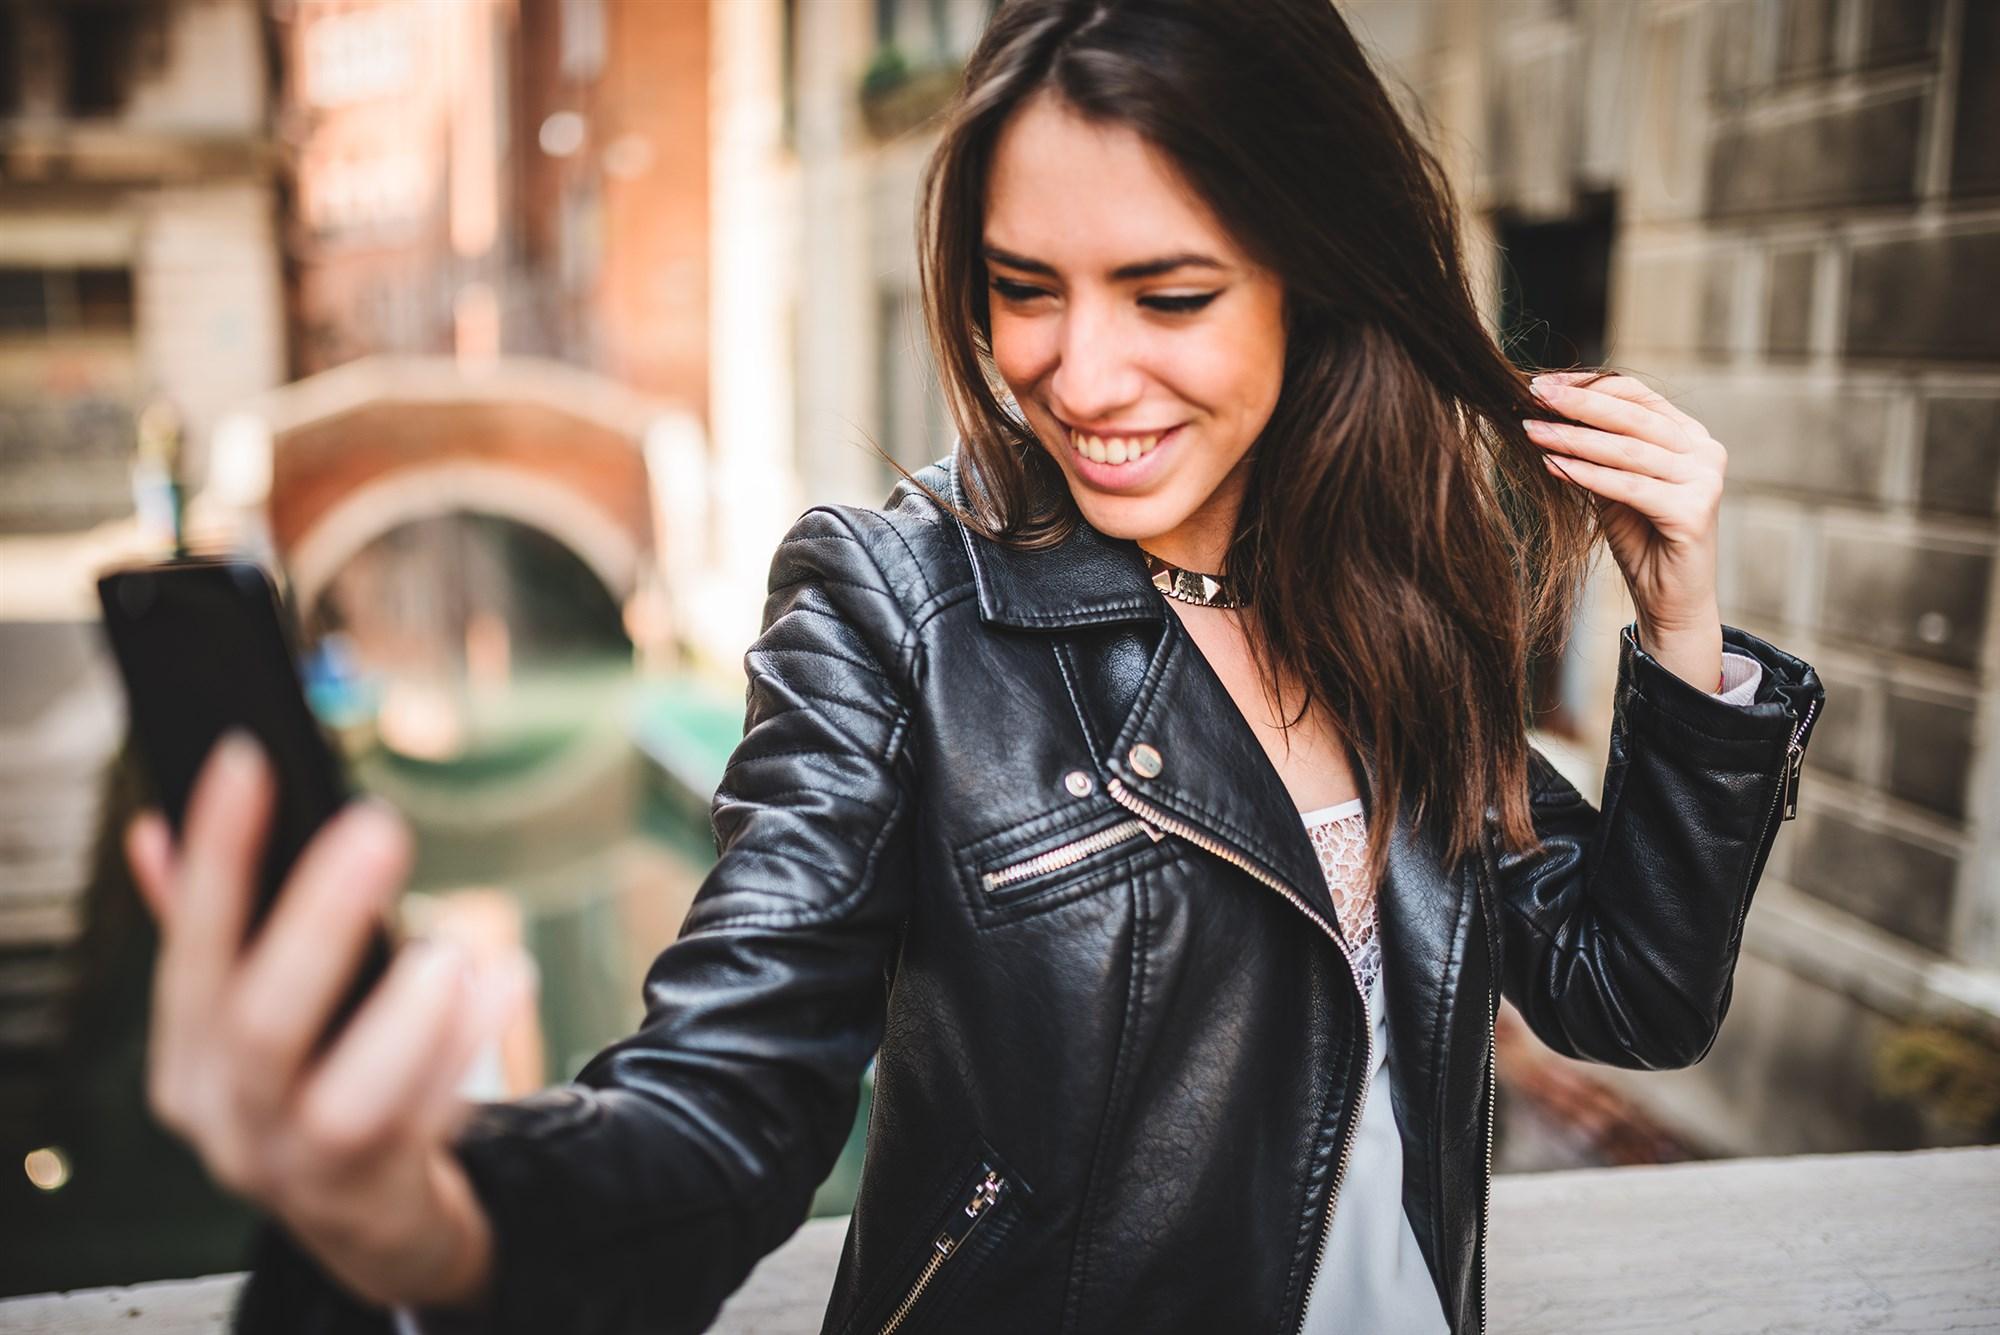 180405-woman-selfie-happy-leather-jacket-ac-521p_50968d772855f062a817c92443d6eda4.fit-2000w.jpg